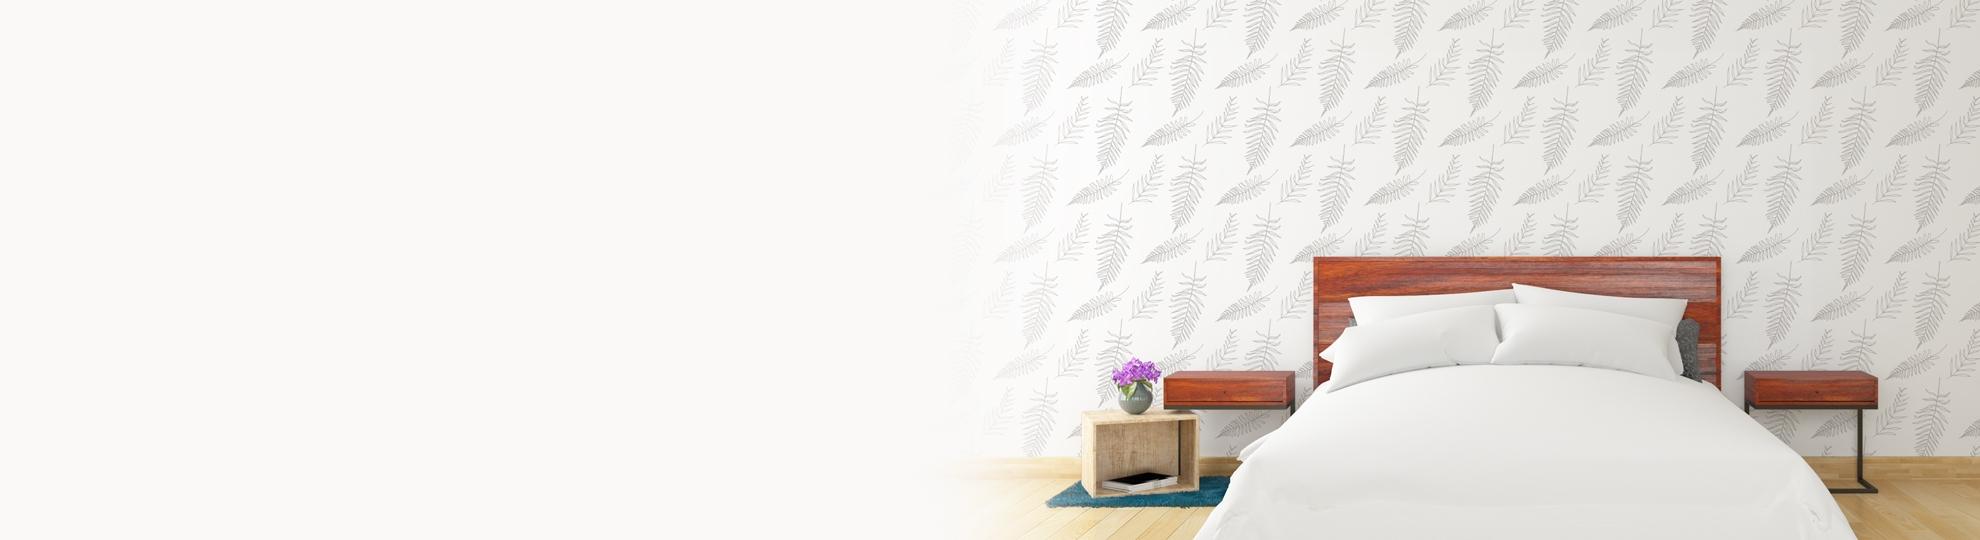 Imprimer papier peint, espace bureau, maison, décoration